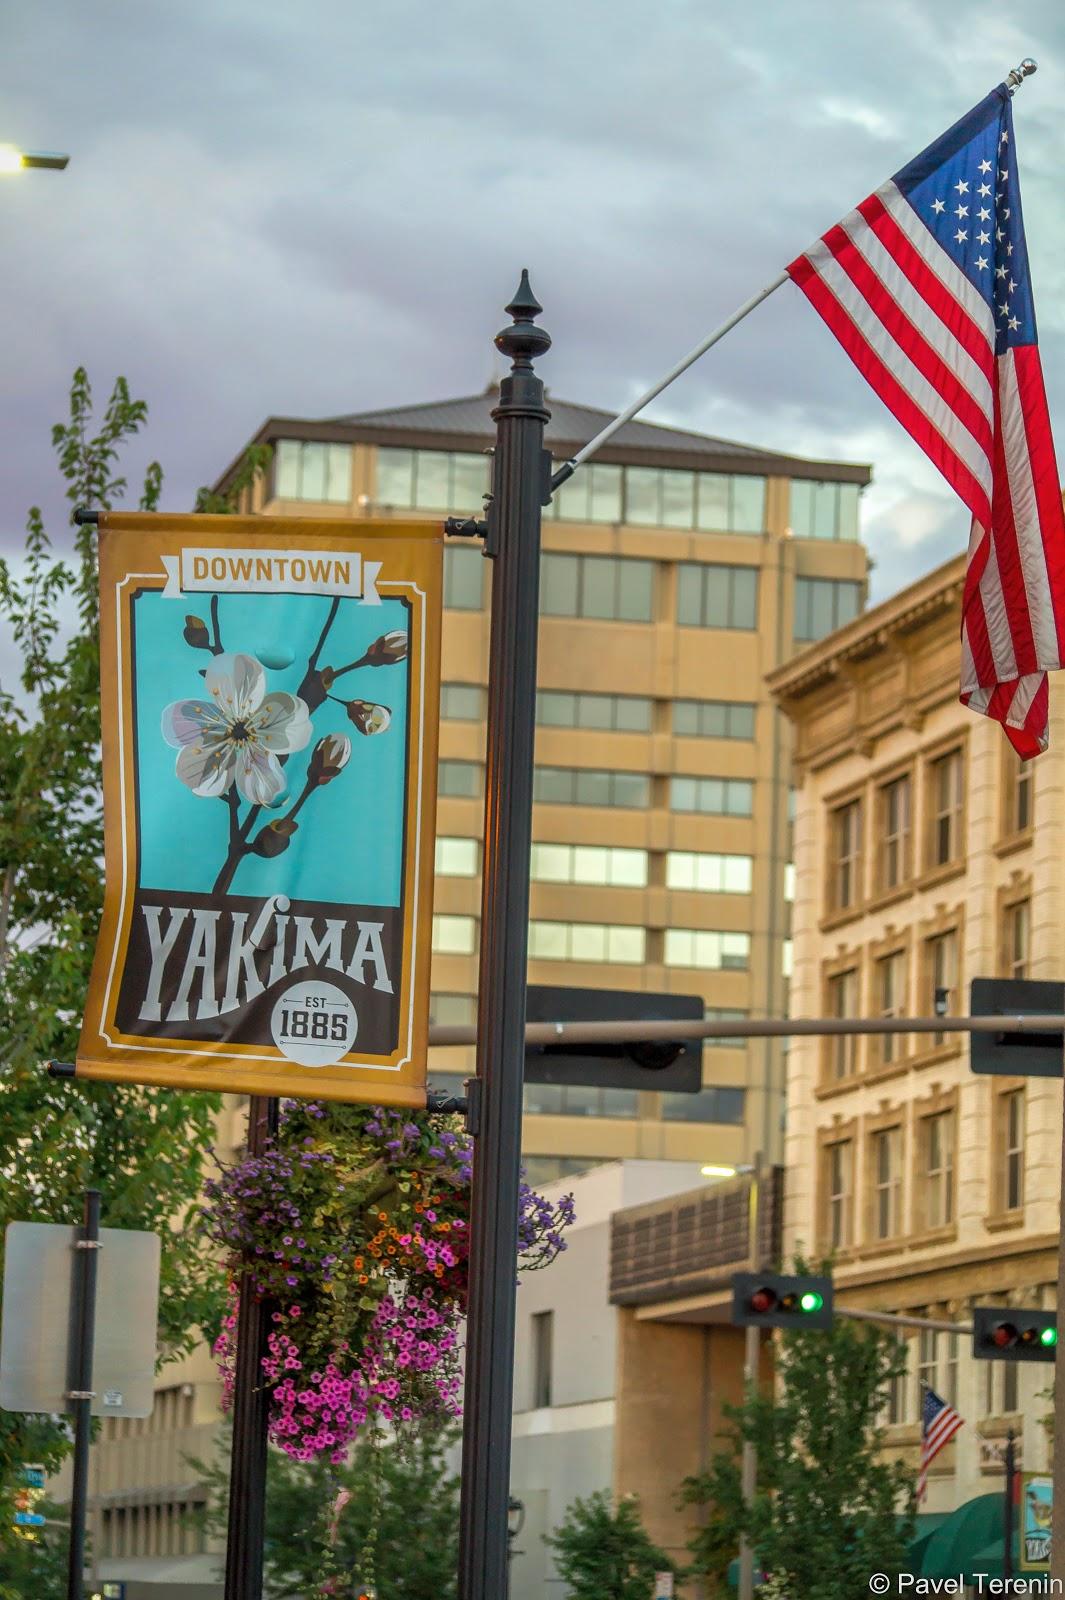 Американские и канадские провинциальные города очень похожи друг на друга. Чтобы  мы не забывали, что находимся за границей, везде натыканы американские флаги.